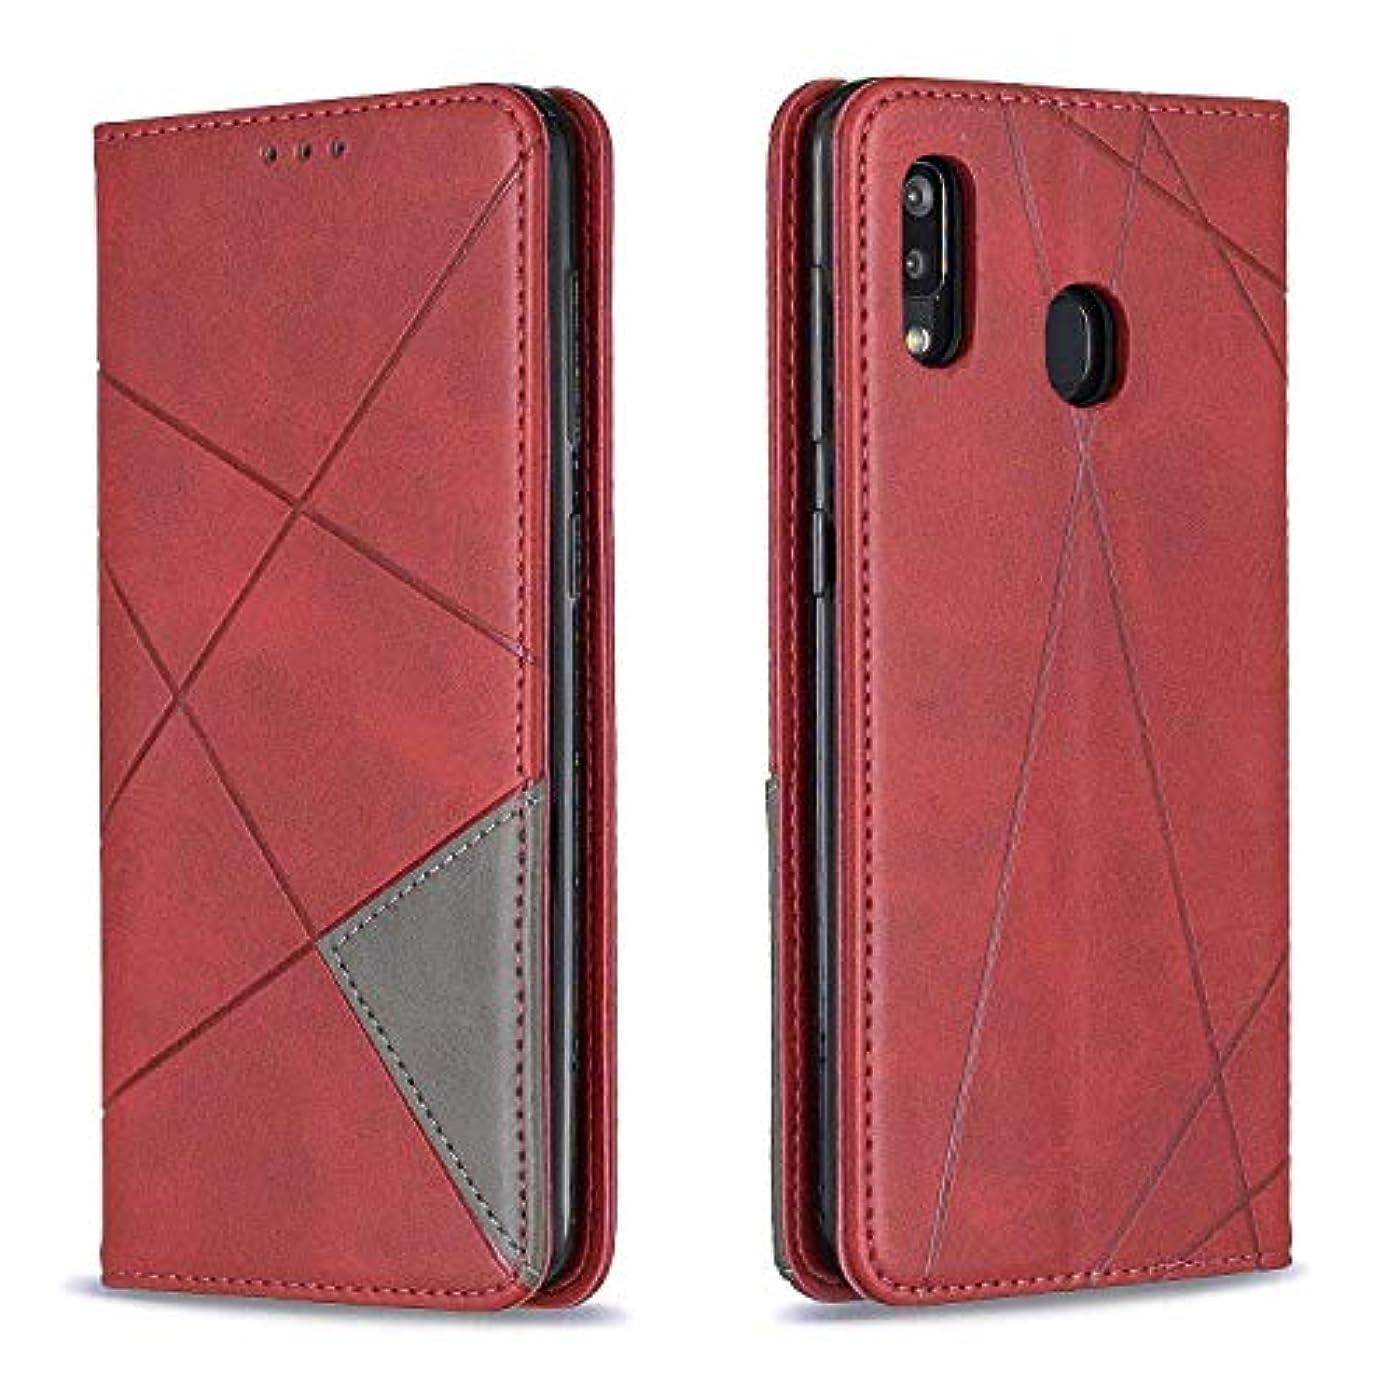 誤ハンディキャップ保有者CUSKING Galaxy A30 / A20 ケース, 高級 Samsung Galaxy A30 / A20 手帳型 スマホケース, PUレザー フリップ ノート型 カード収納 付き保護ケース, レッド